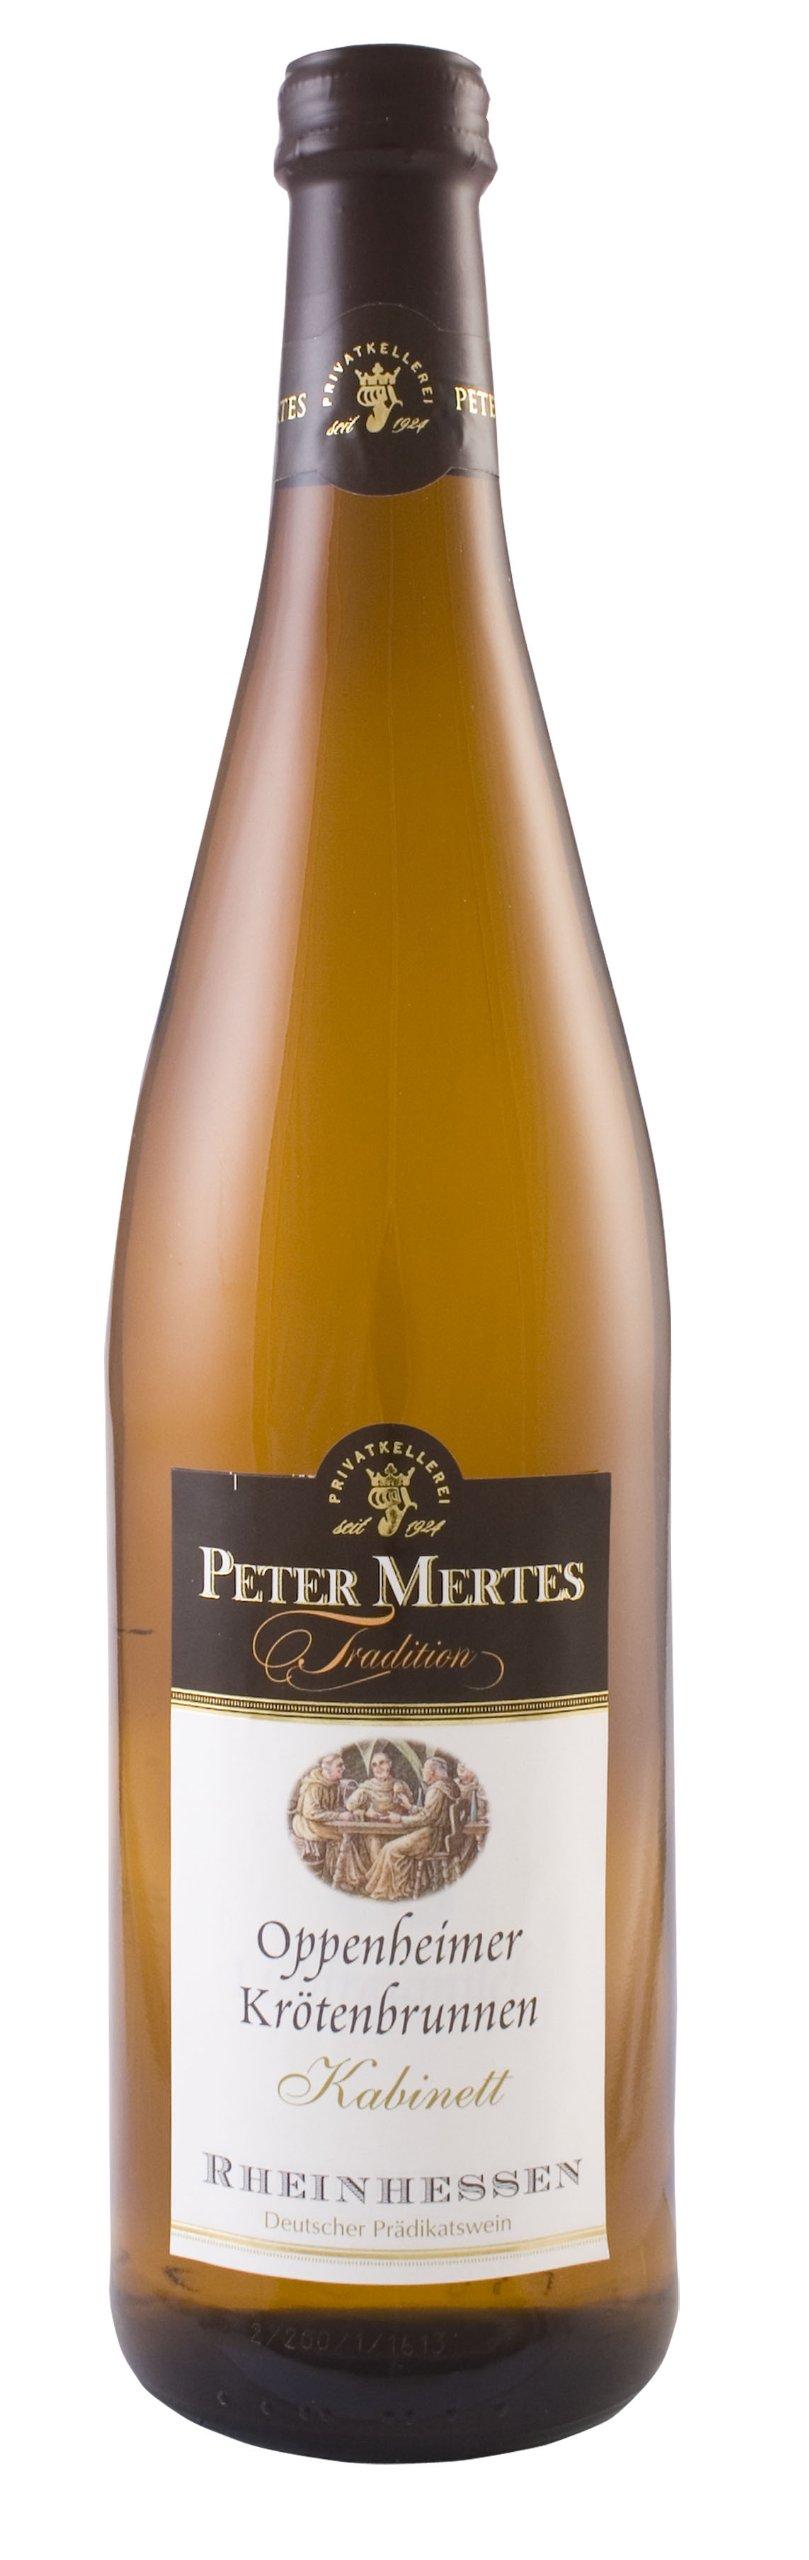 Peter-Mertes-Oppenheimer-Krtenbrunnen-Kabinett-6-x-075-l